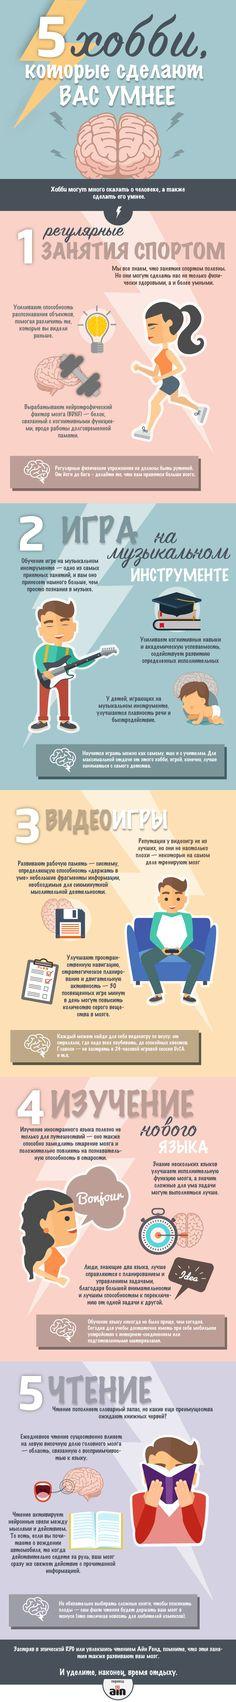 5 хобби, которые сделают вас умнее (инфографика) - AIN.UA